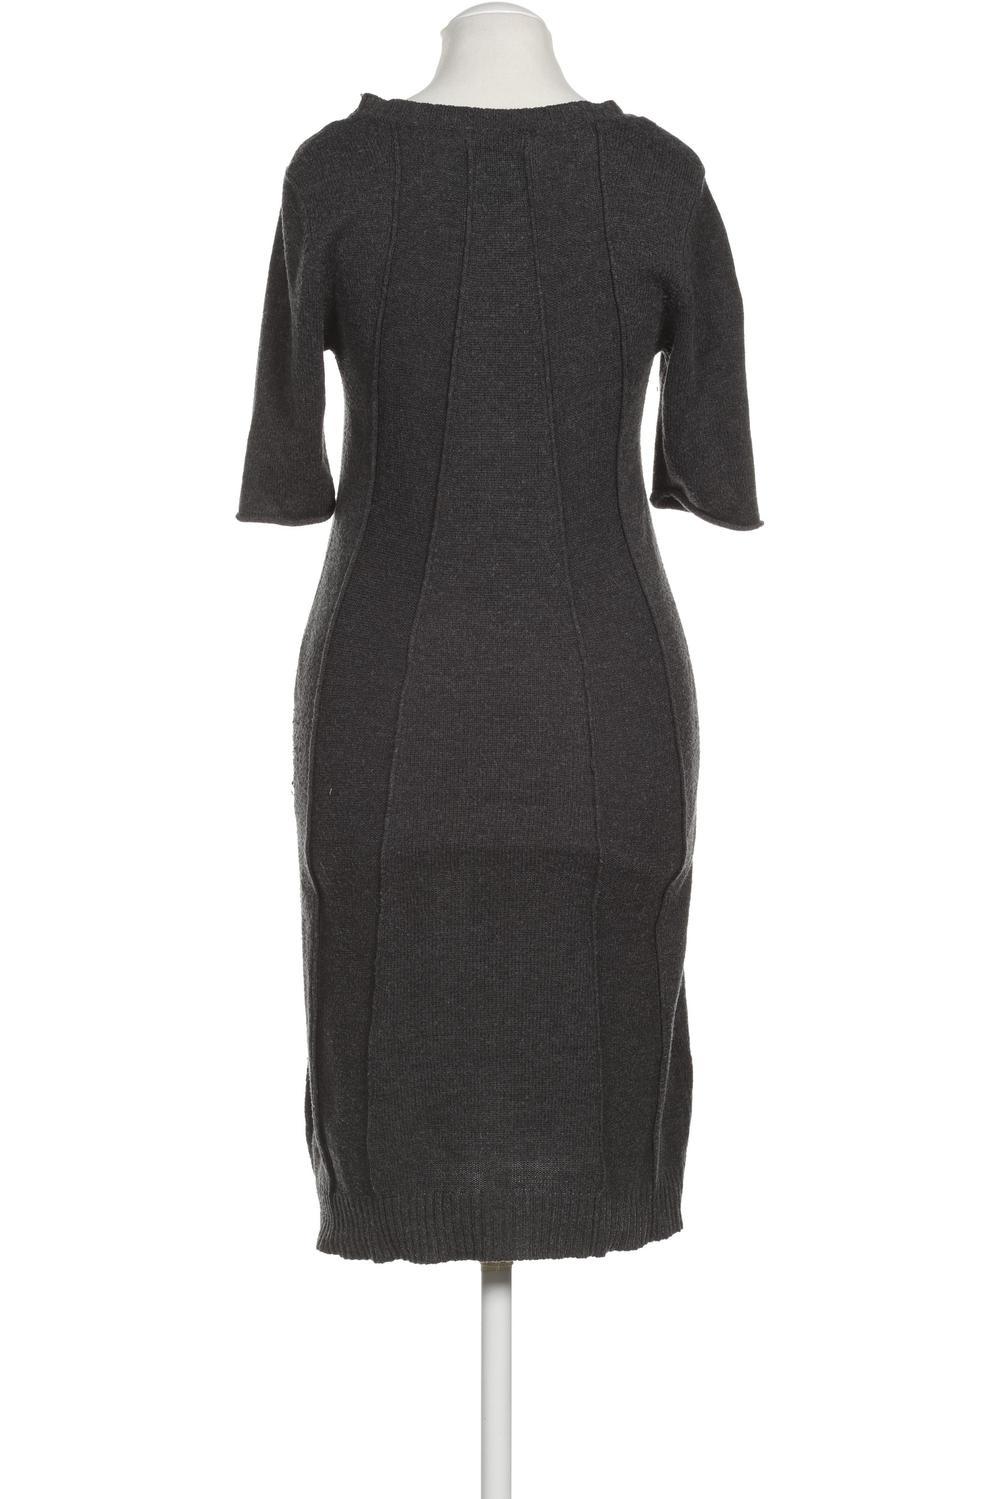 Orsay Damen Kleid INT S Second Hand kaufen   ubup